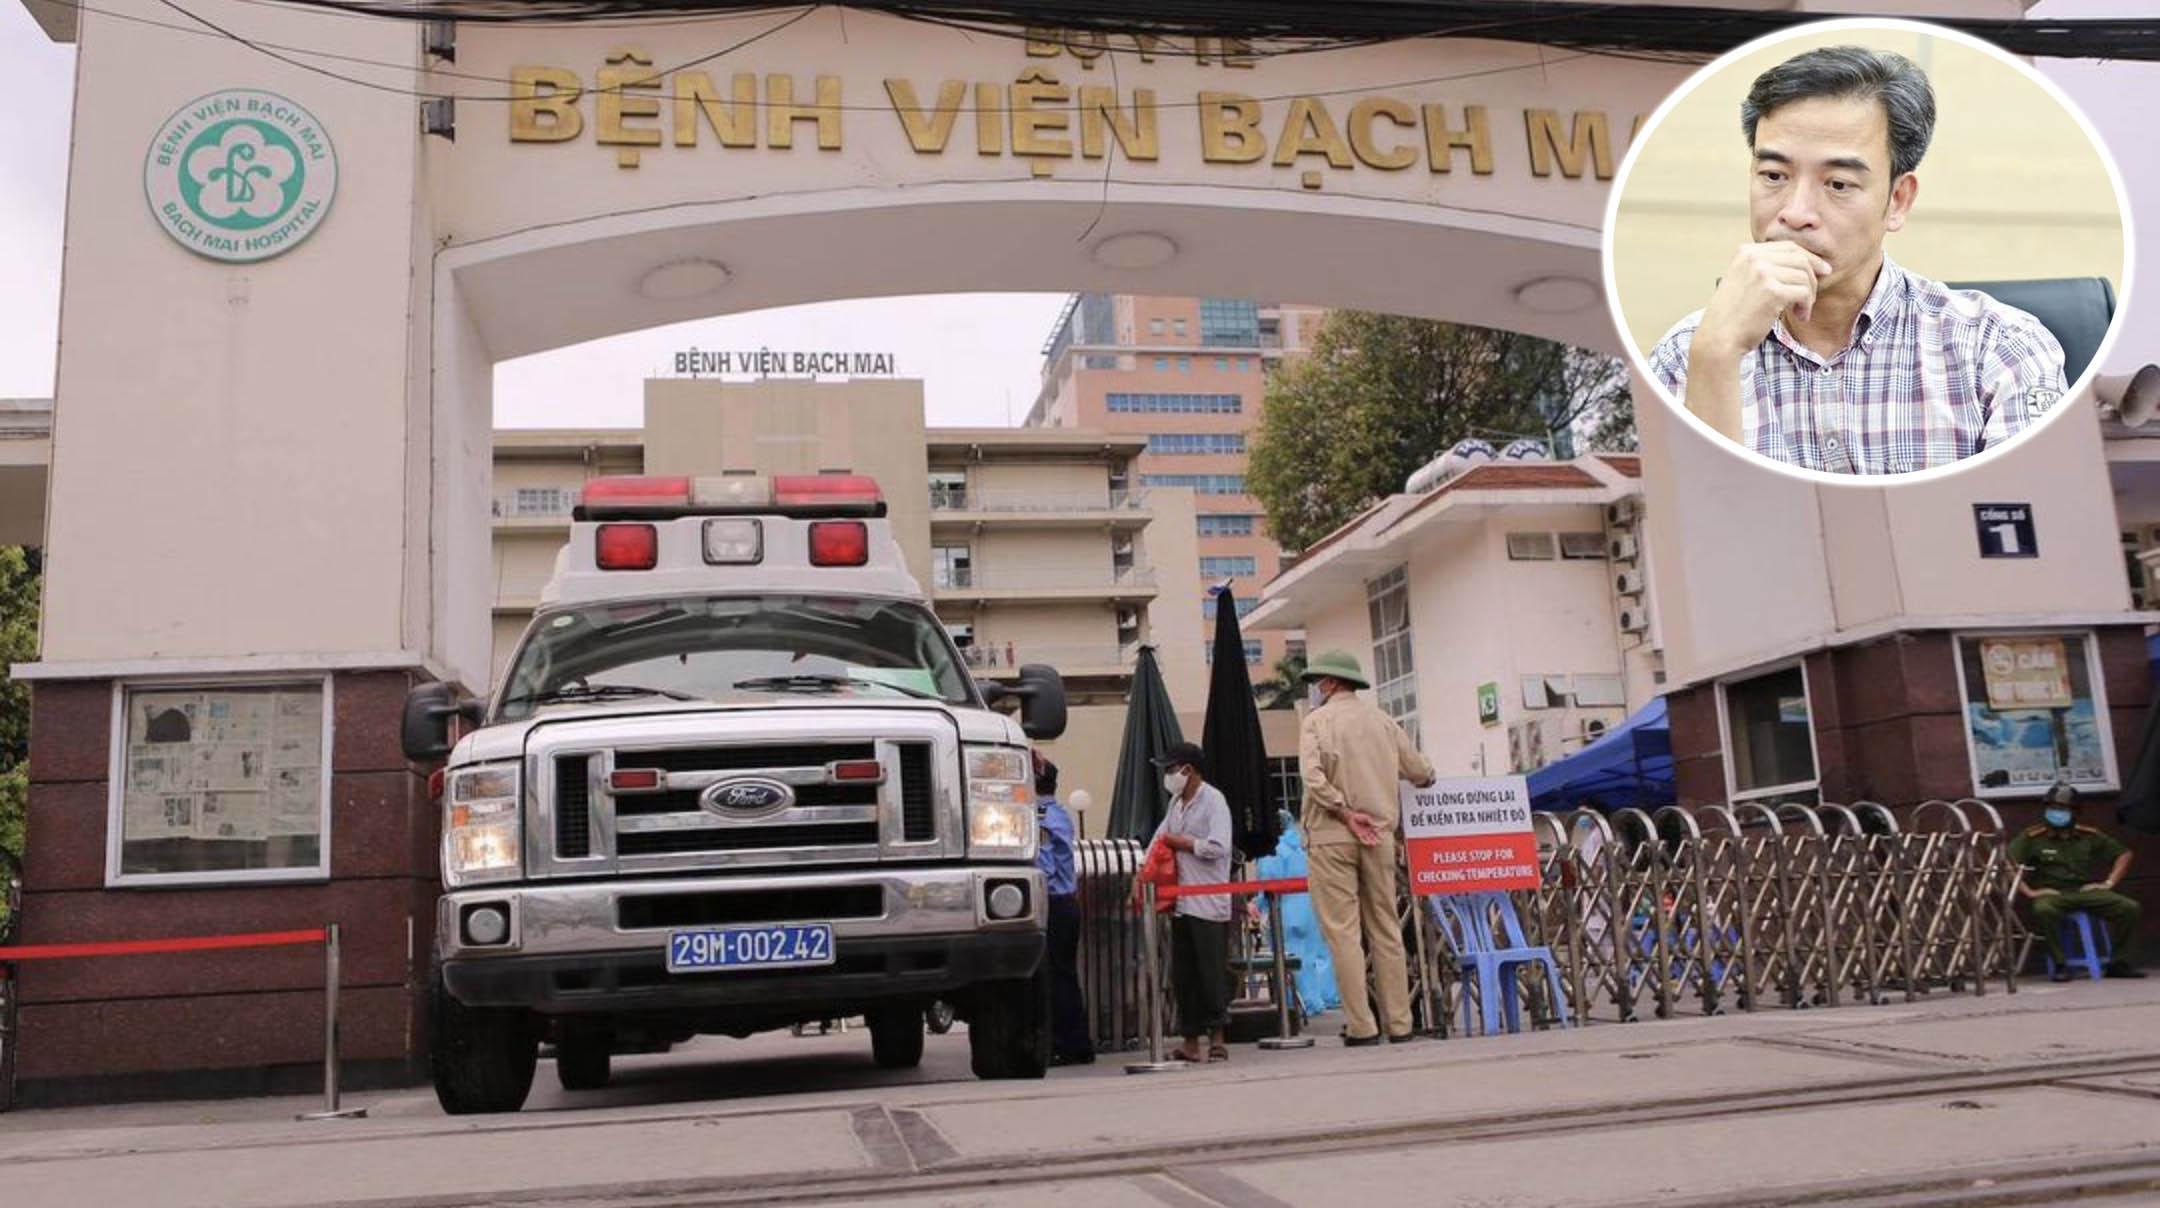 Giám đốc Bệnh viện Bạch Mai, ông Nguyễn Quang Tuấn: Không phải hơn 100 nhân lực nghỉ việc, mà gần 200